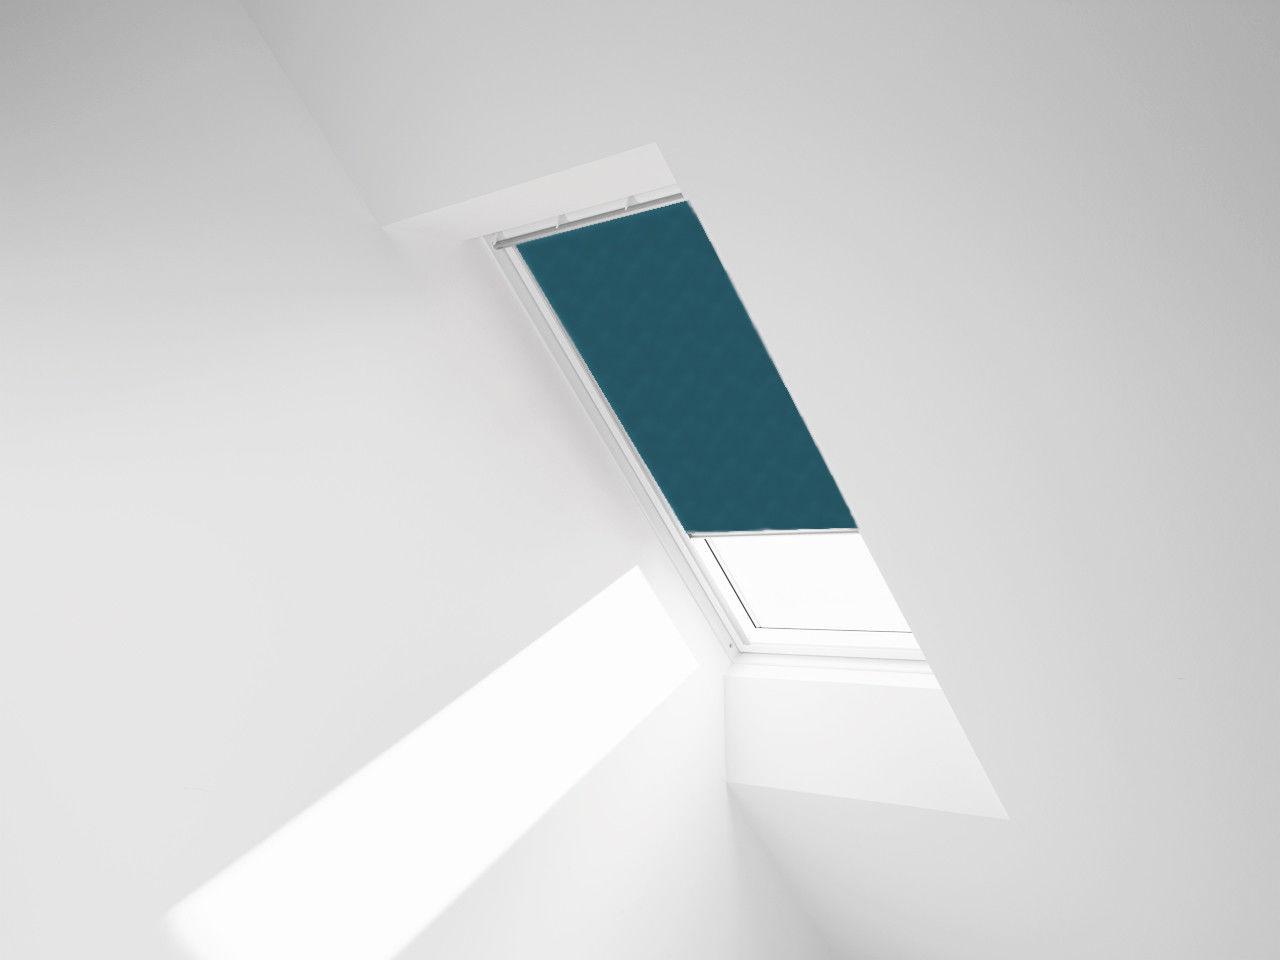 ROLETA ZACIEMNIAJĄCA ROOFART DUR - kolor 4232 (turkusowy) - 78x118 M6A